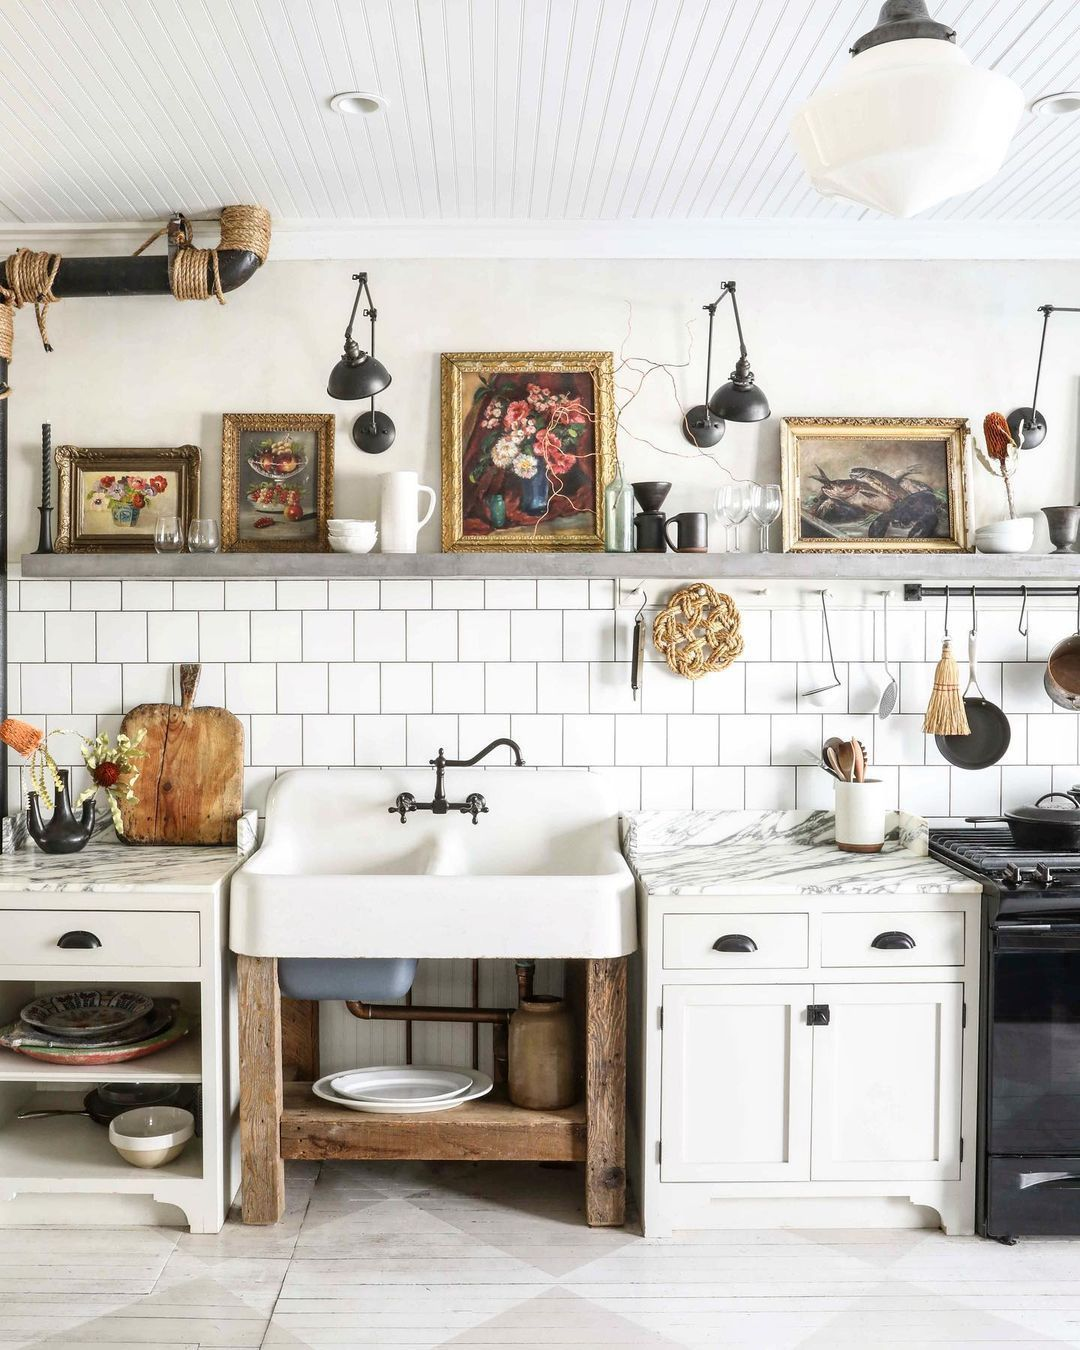 Farmhouse Kitchen Decor mit Vintage Artwork Decor über @zioandsons